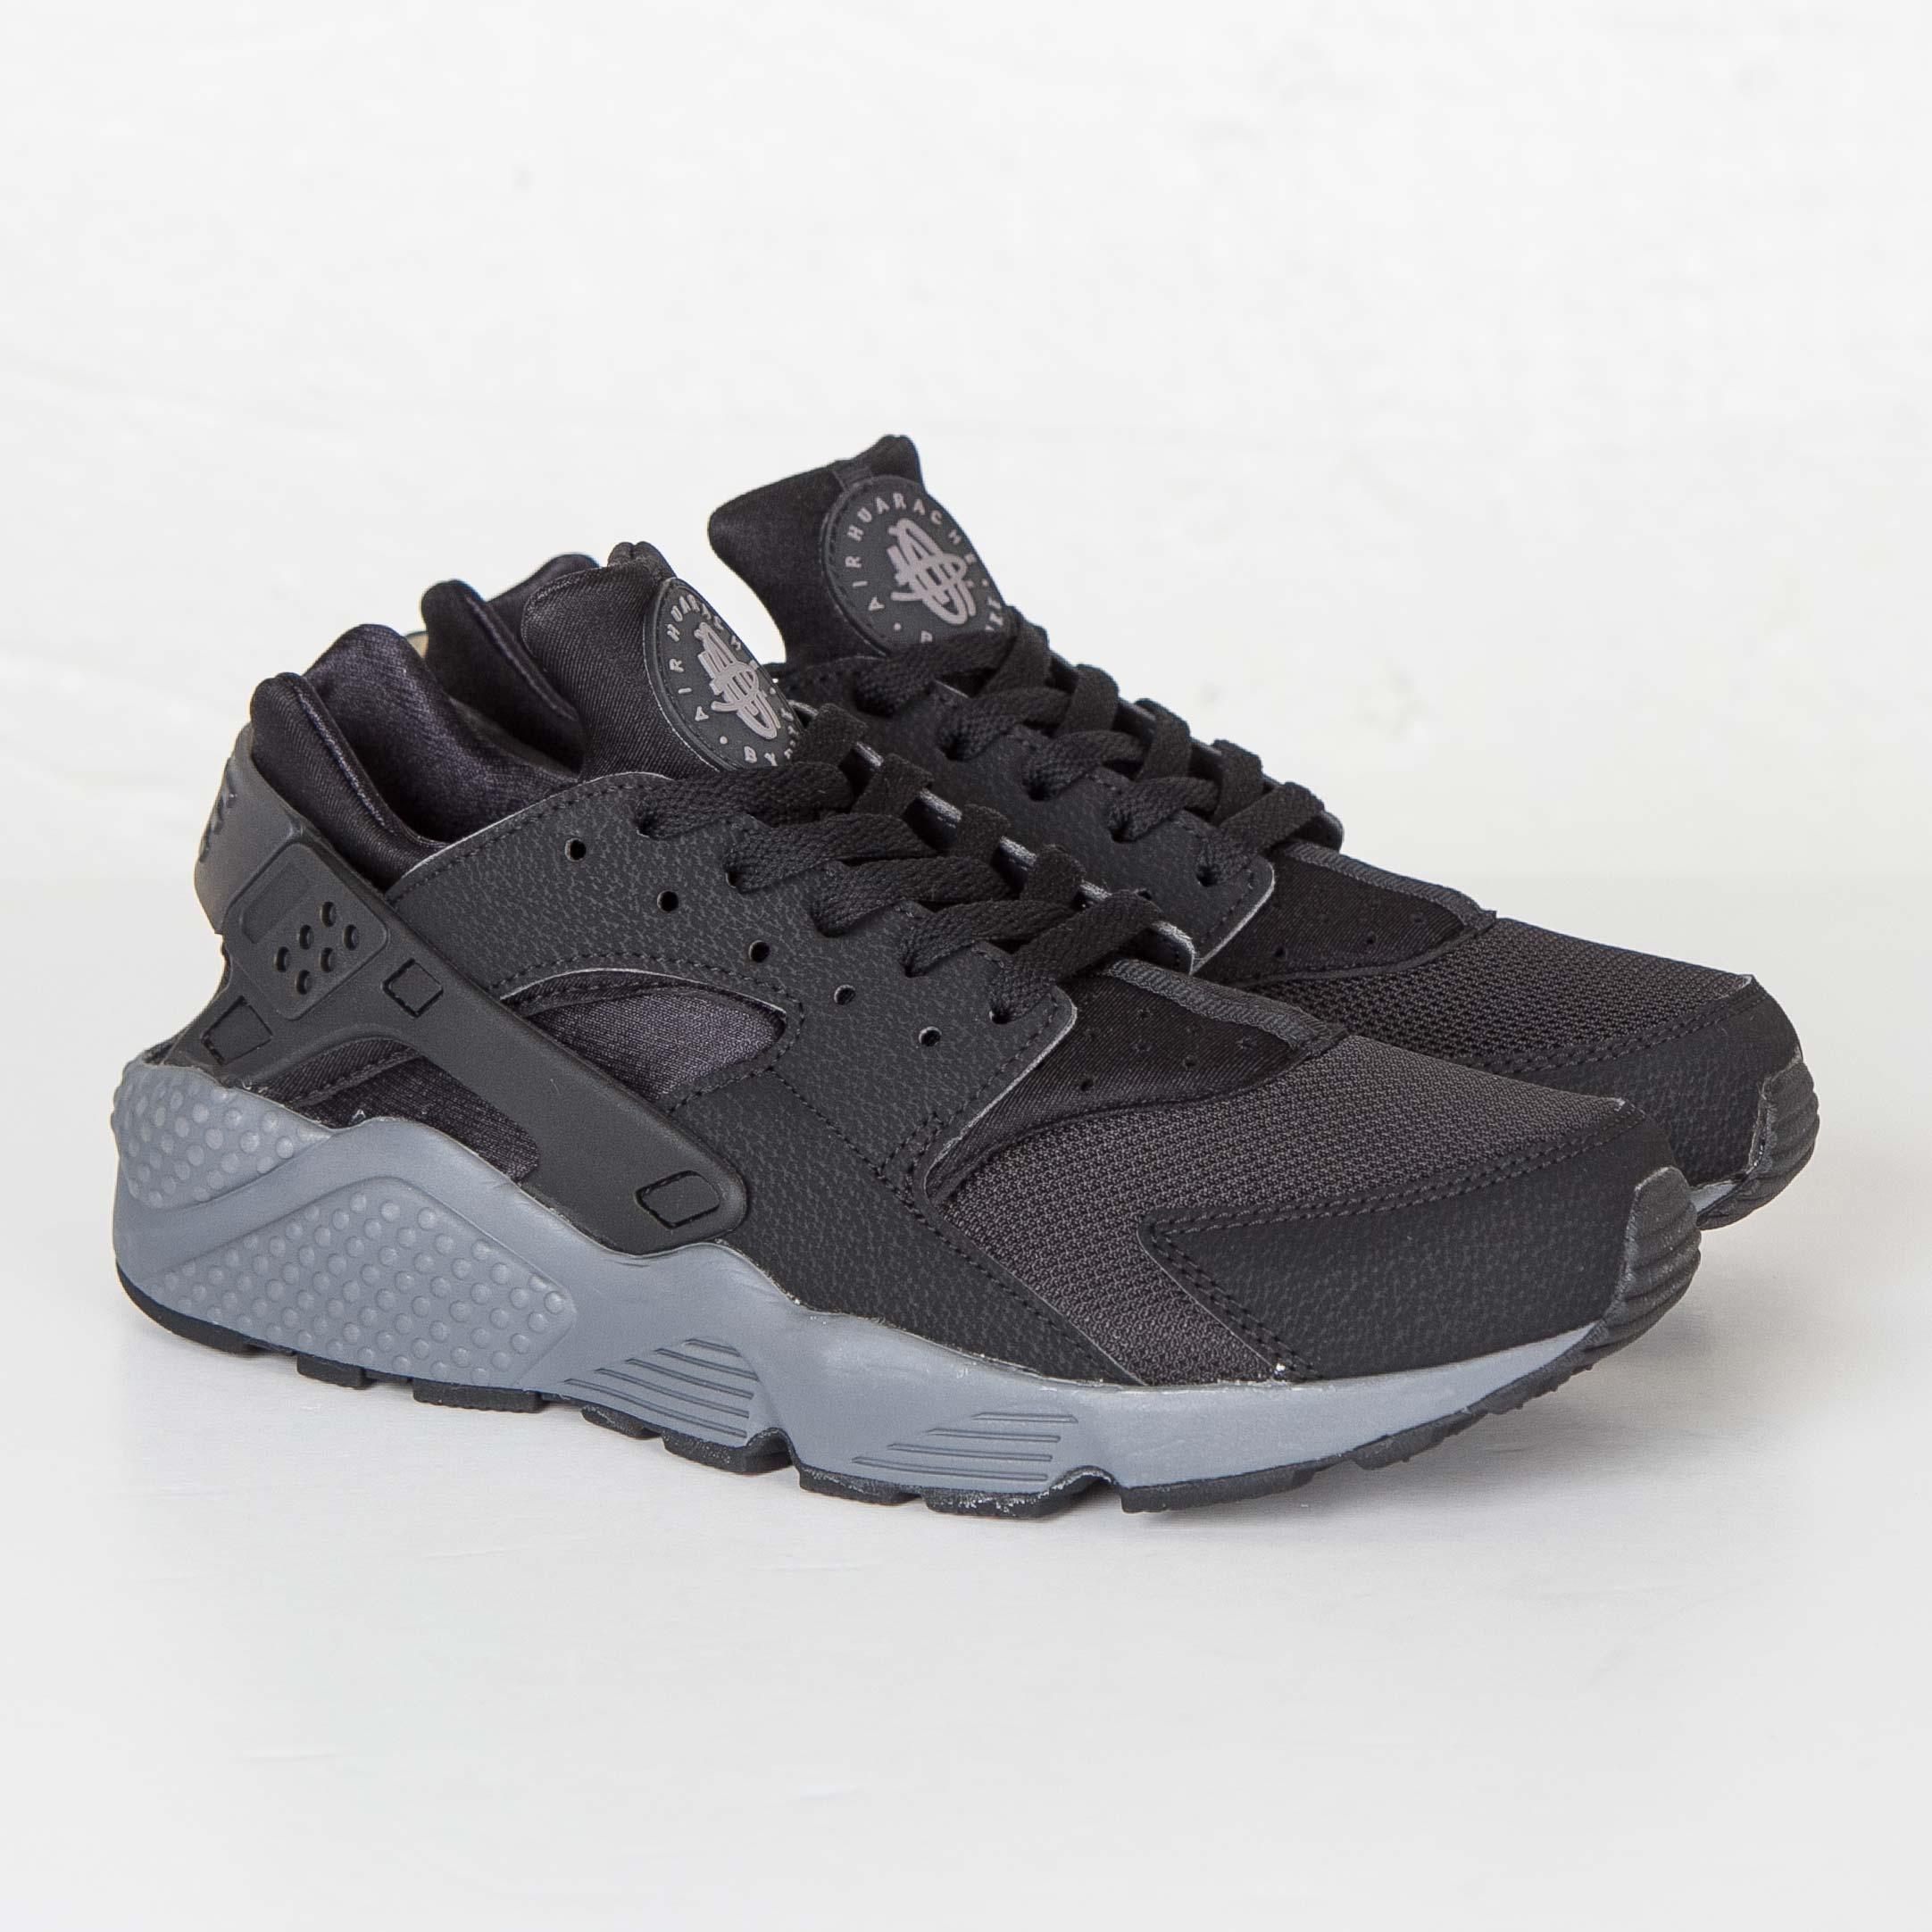 huge discount fec1a 357b9 Nike Air Huarache